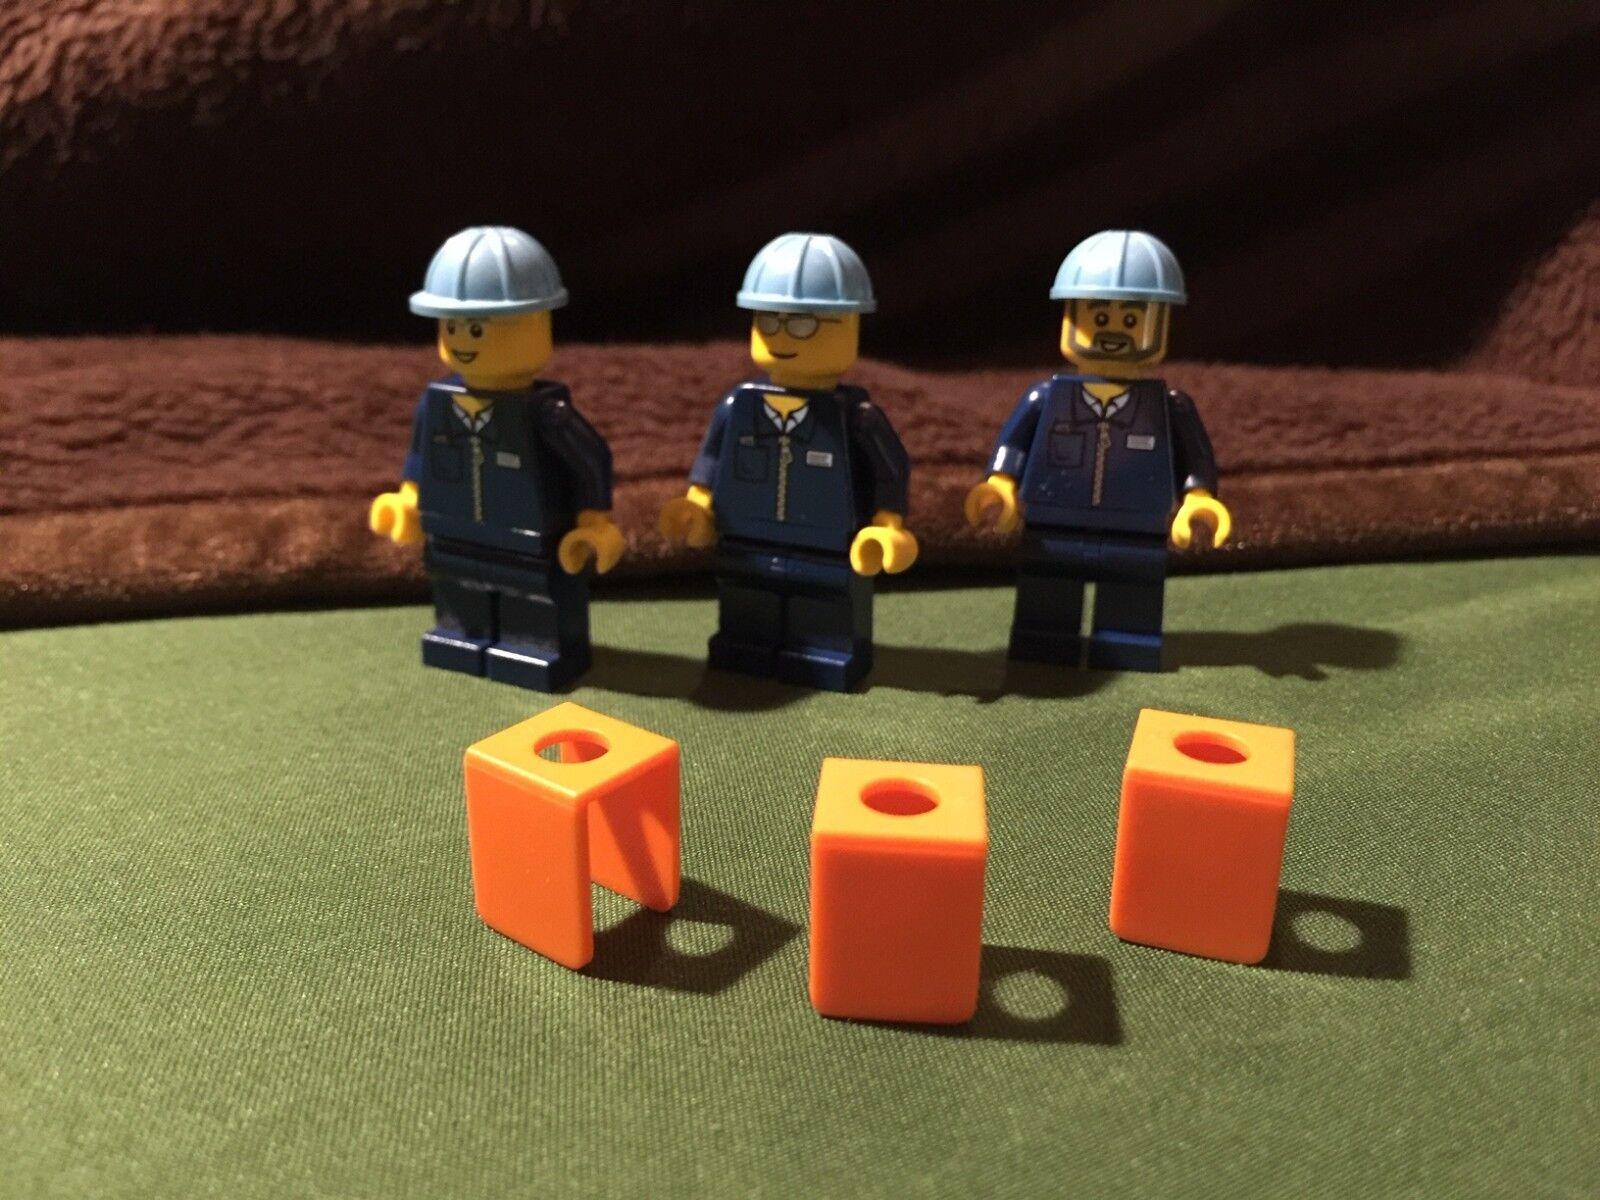 LEGO  10219 Maersk Train lavorouomo A SET of 3 Minicifras + Extra PARTS 2011  garanzia di credito